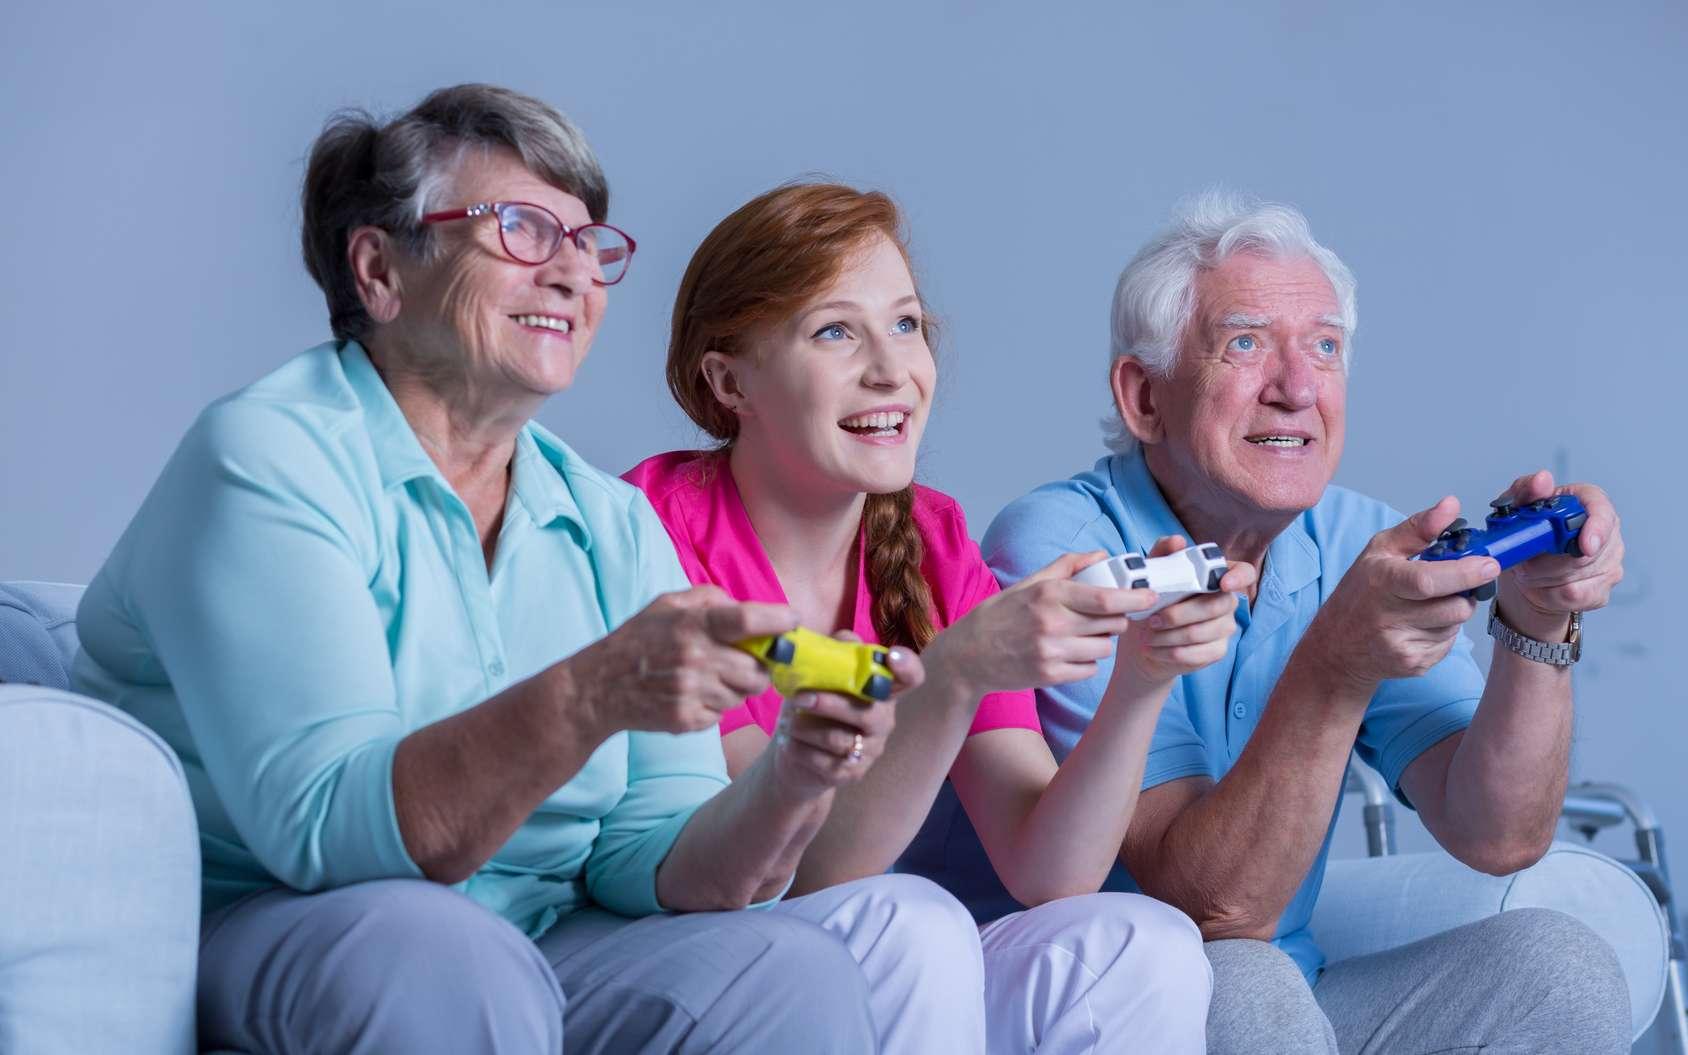 Les jeux vidéo pourraient-ils être une aide au diagnostic précoce de la maladie d'Alzheimer ? © Photographee.eu